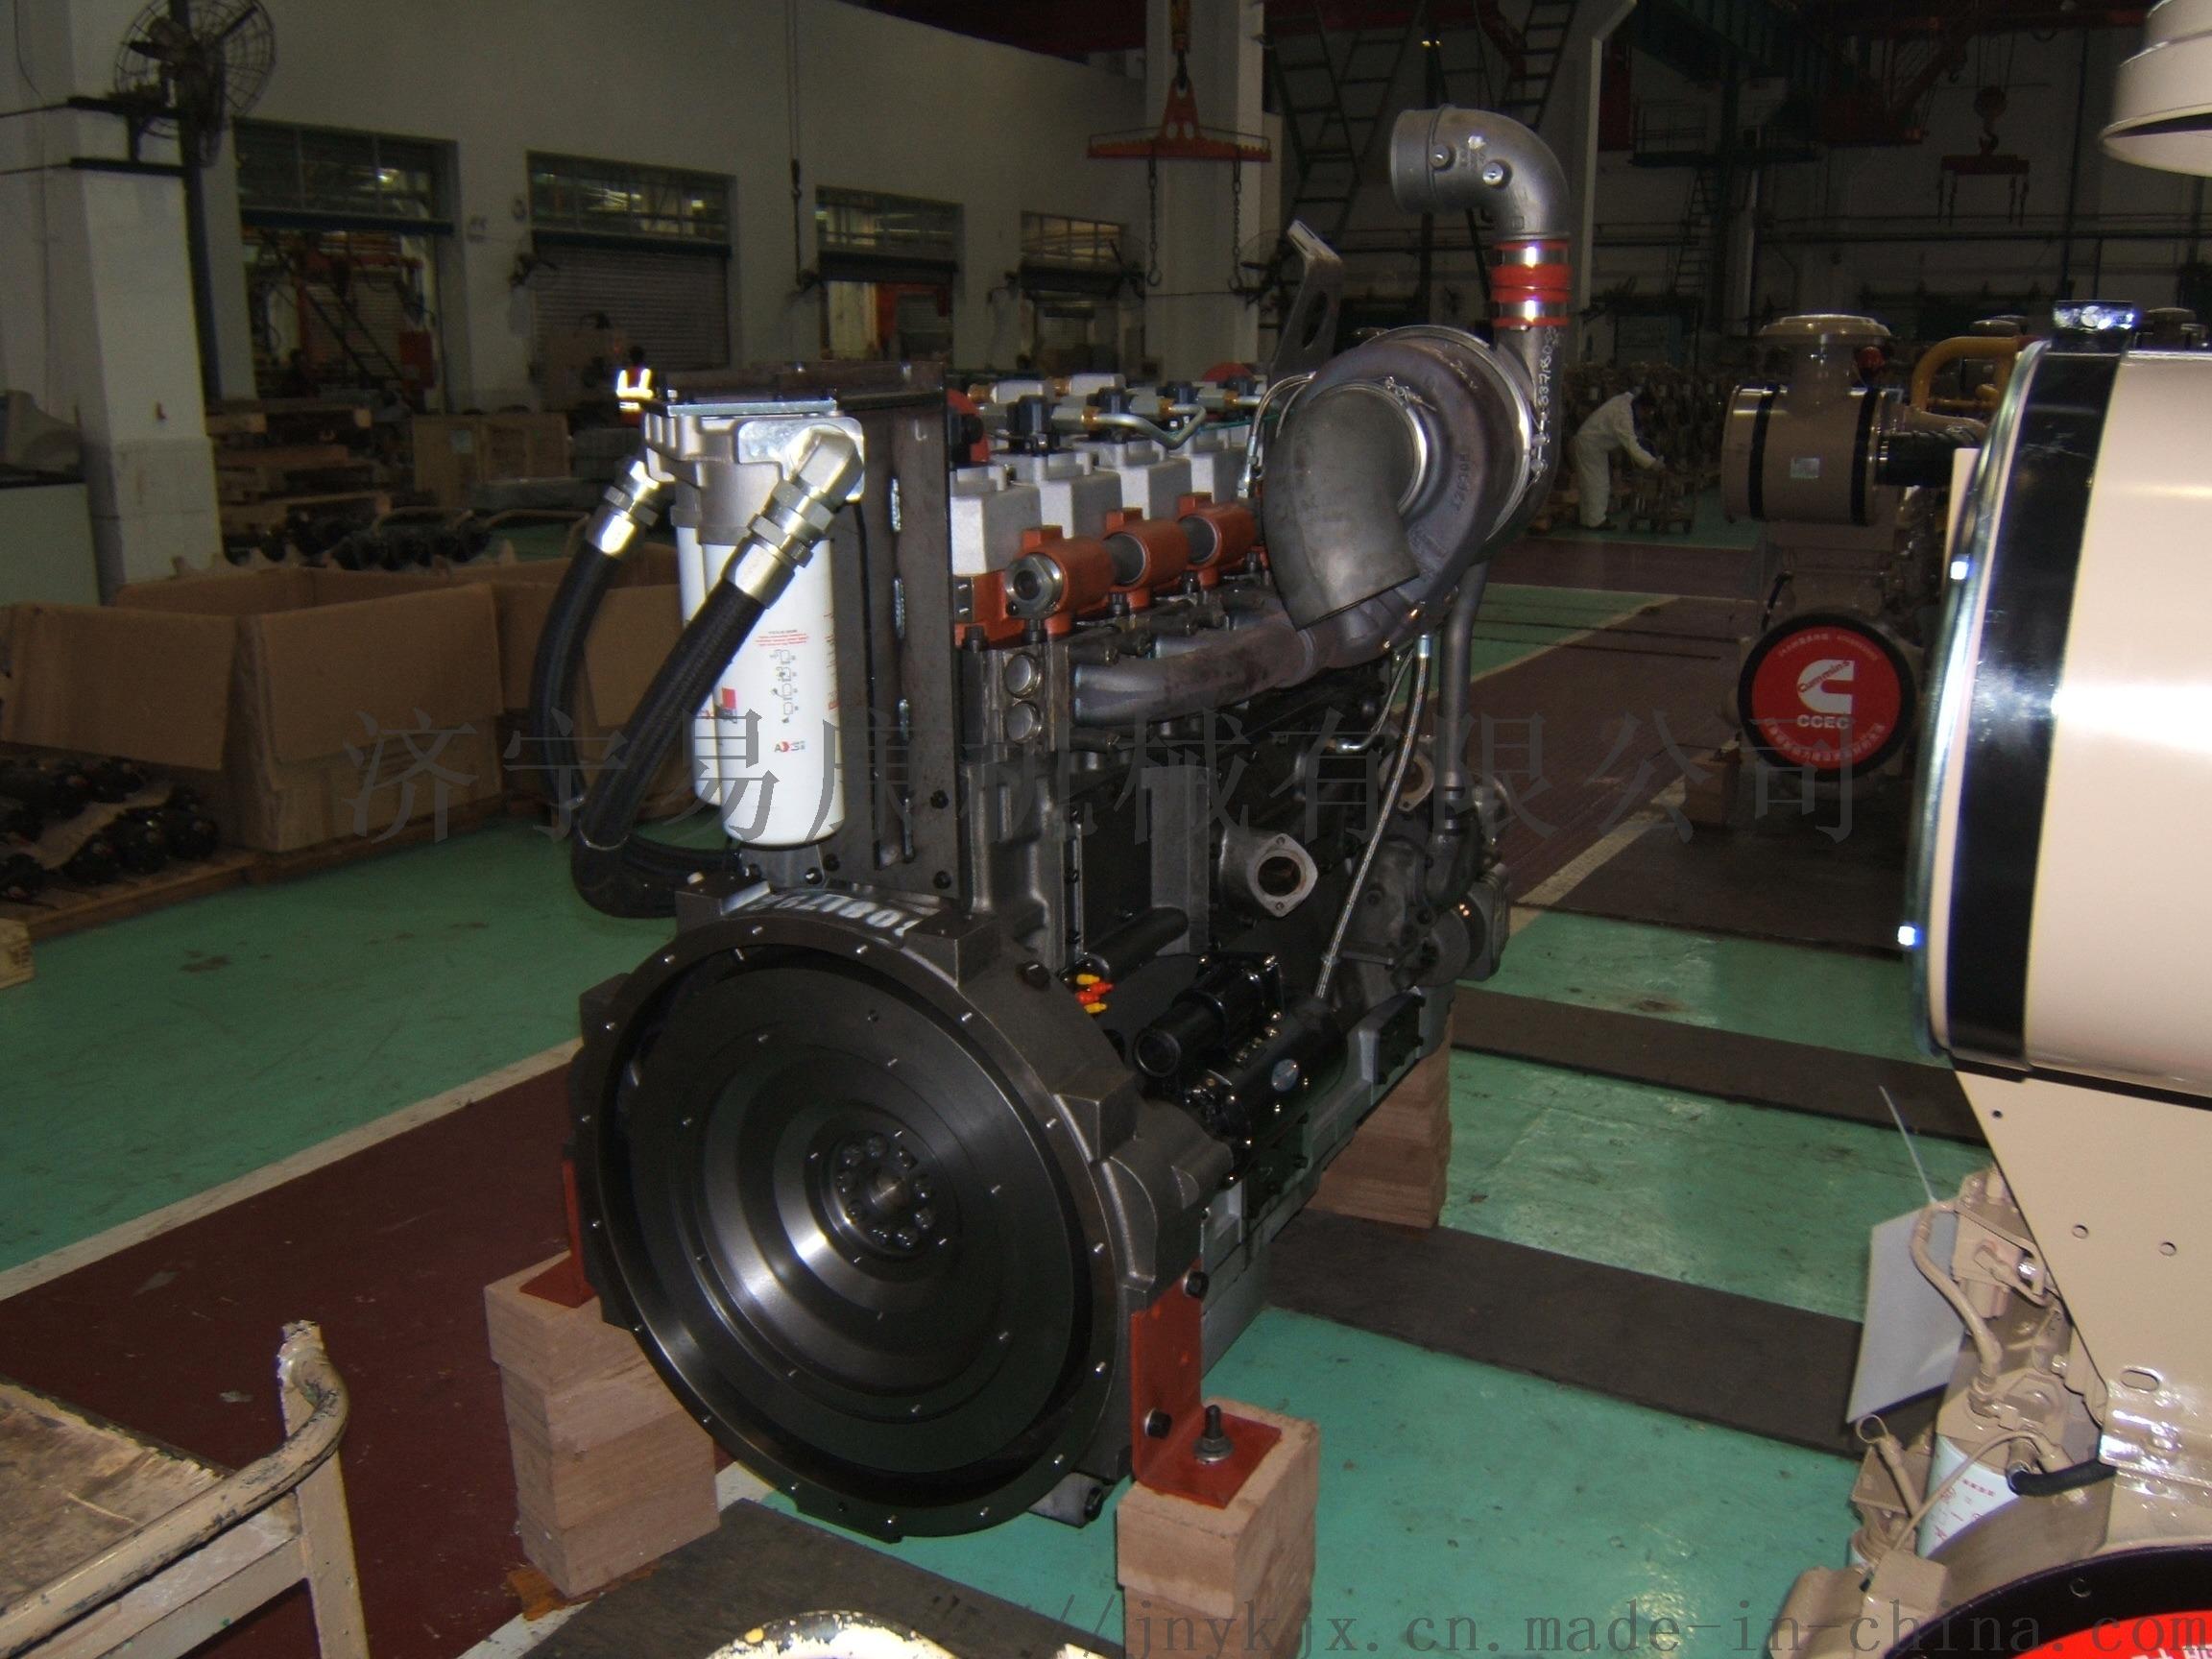 DSCF3447.JPG